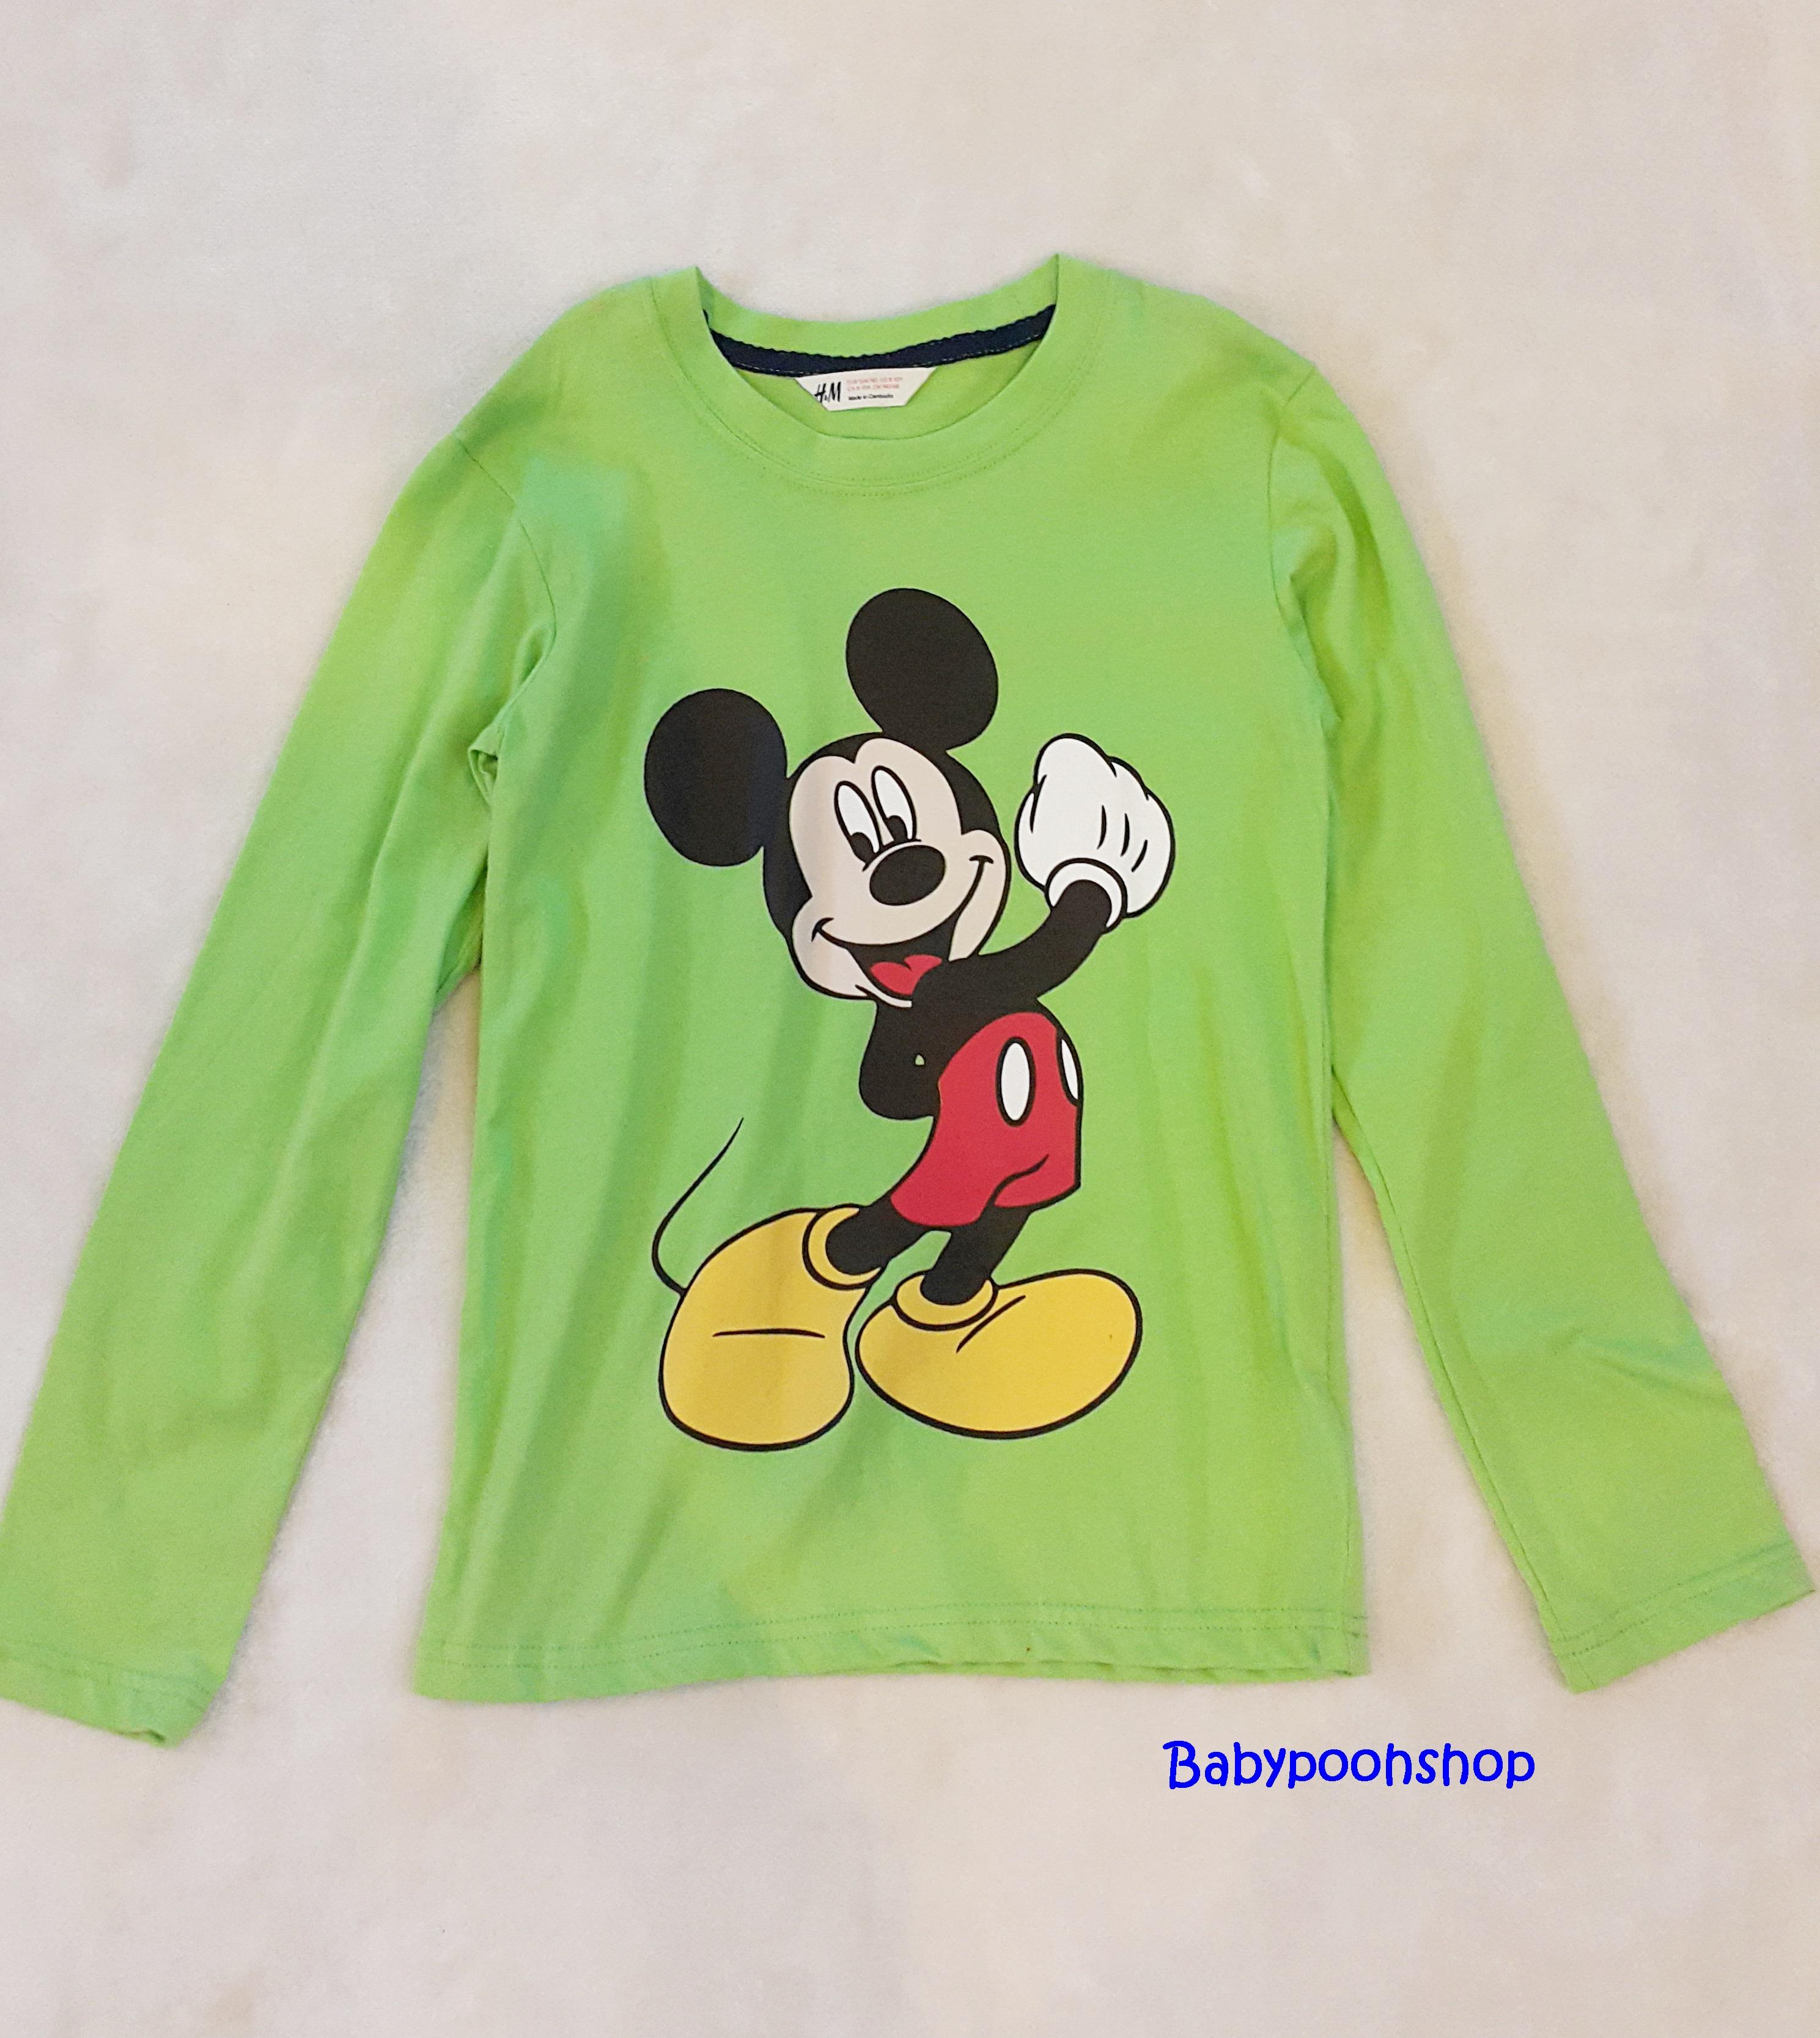 H&M : เสื้อยืดสกรีนลายมิกกี้เมาส์ แขนยาว สีเขียว size 8-10y